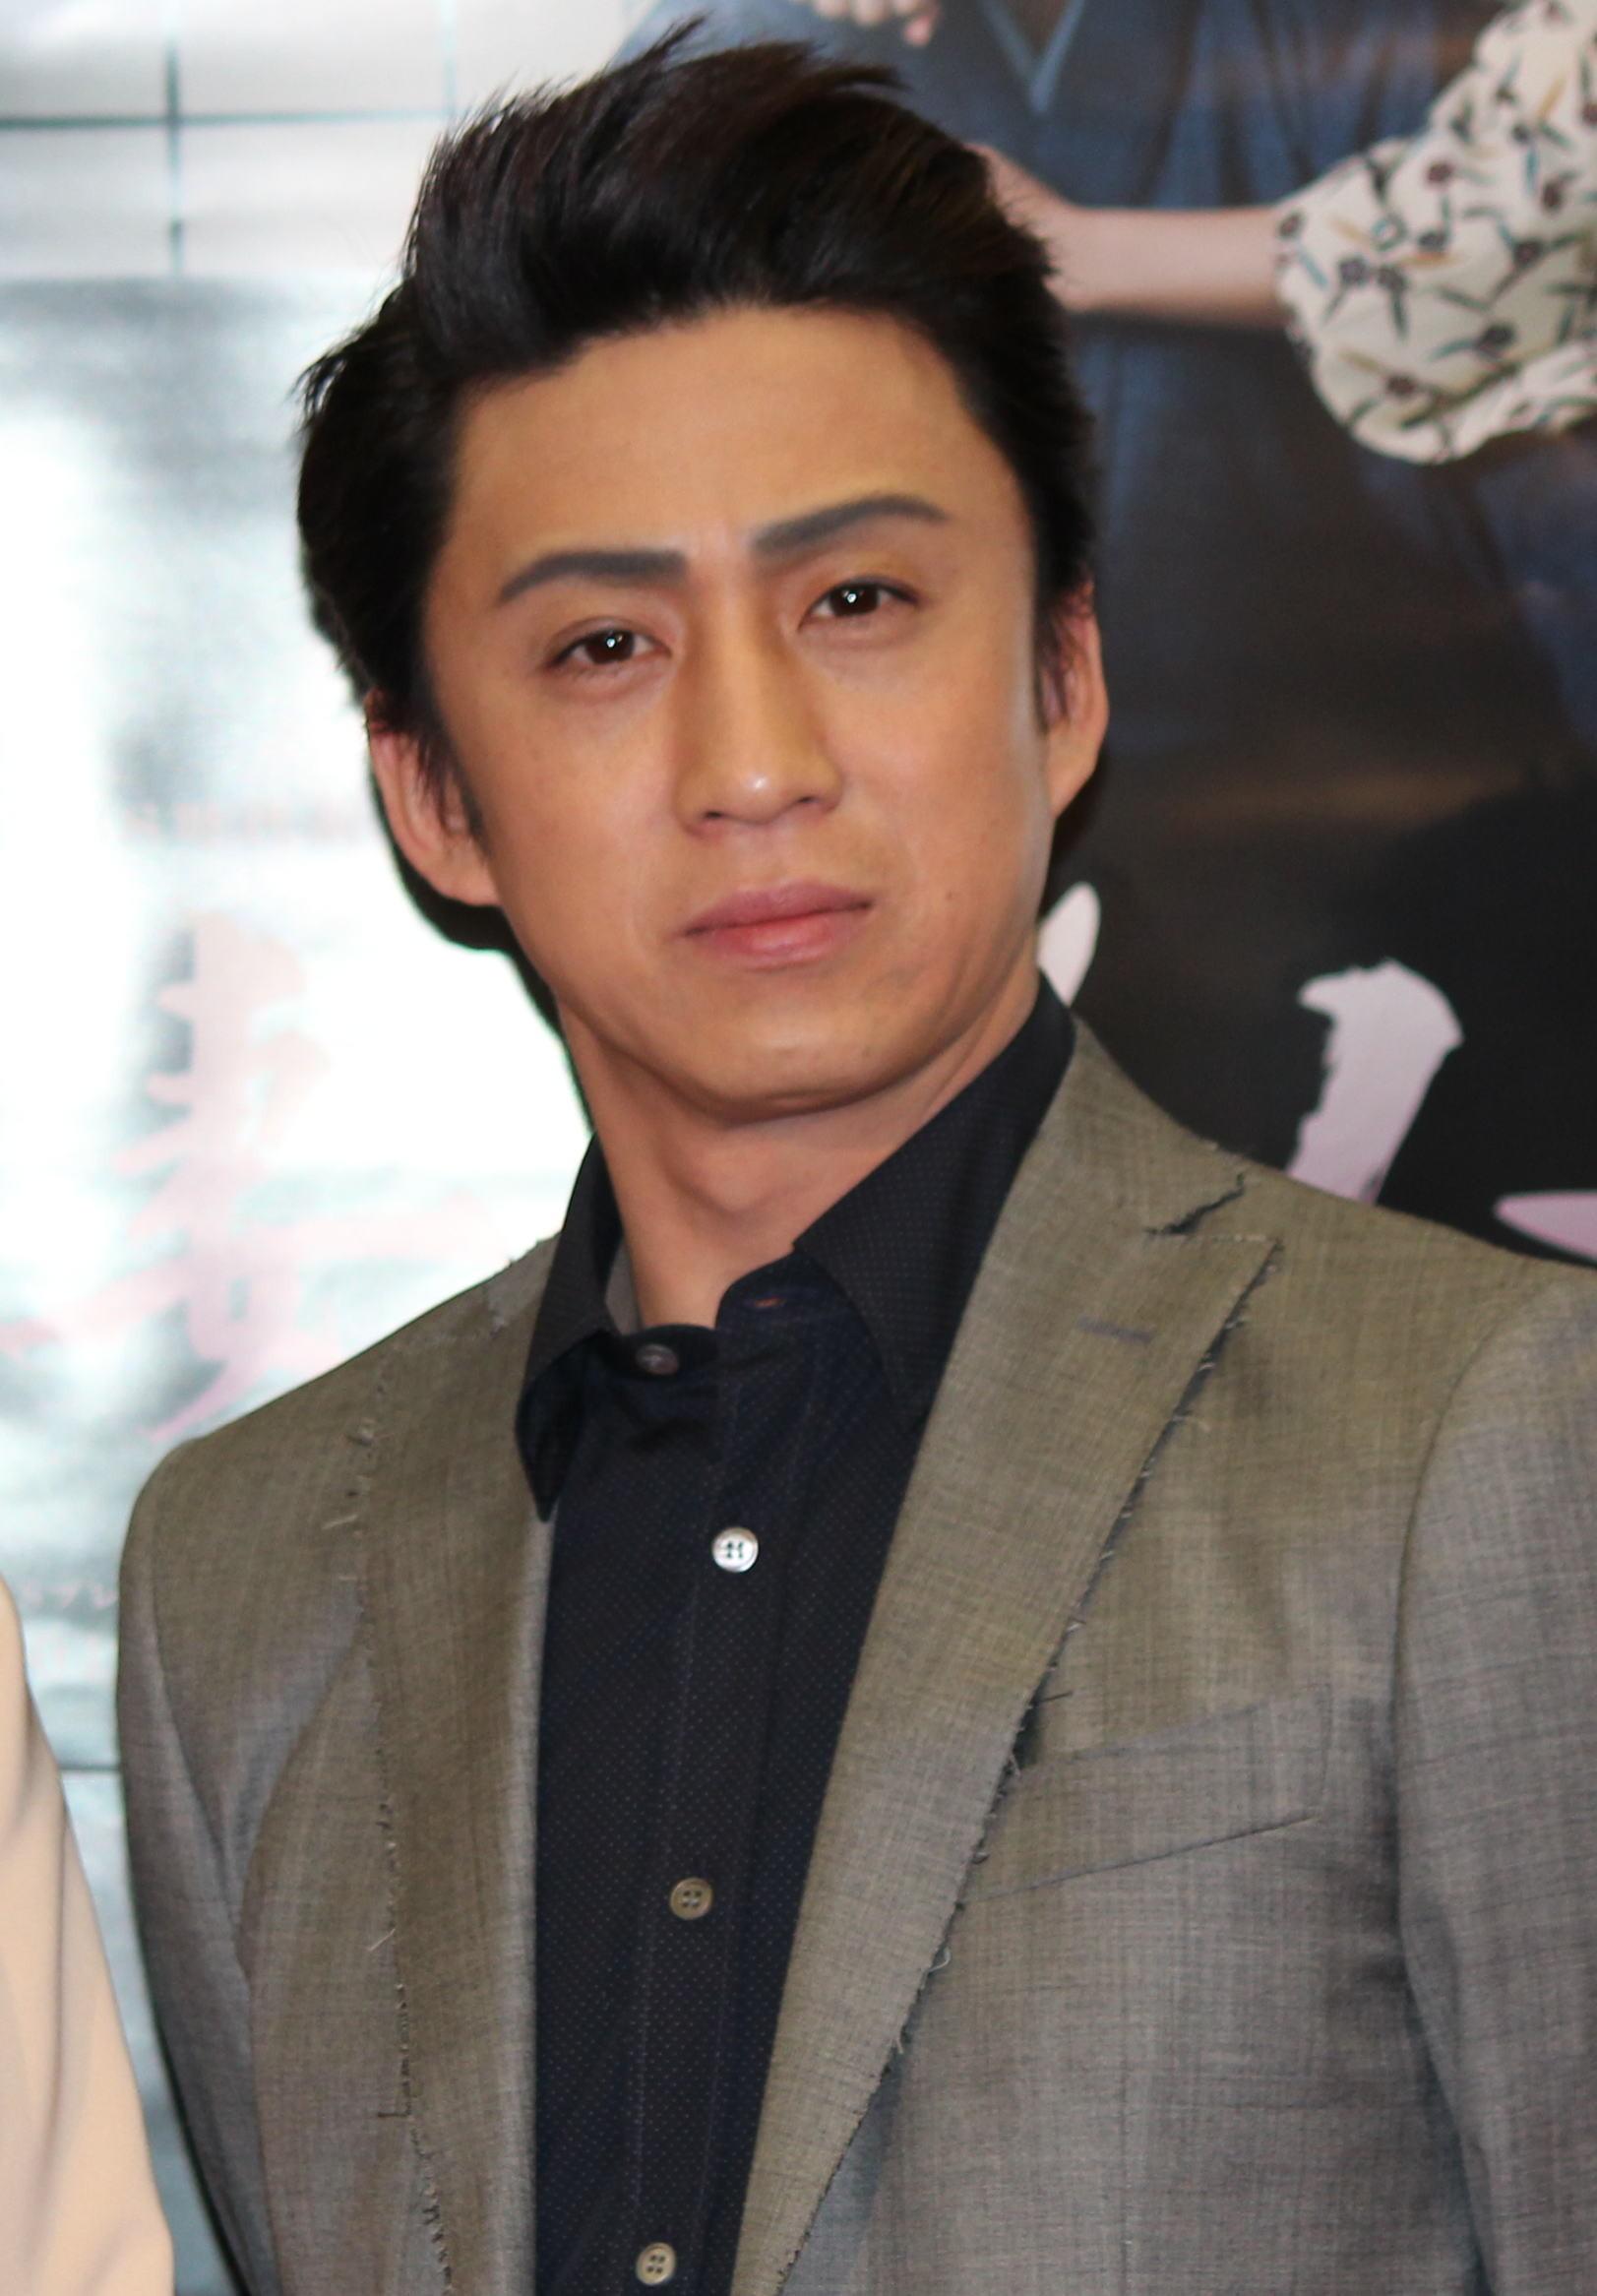 """市川染五郎「戻ることできて幸せ」""""仕事復帰""""のBS時代劇が完成"""